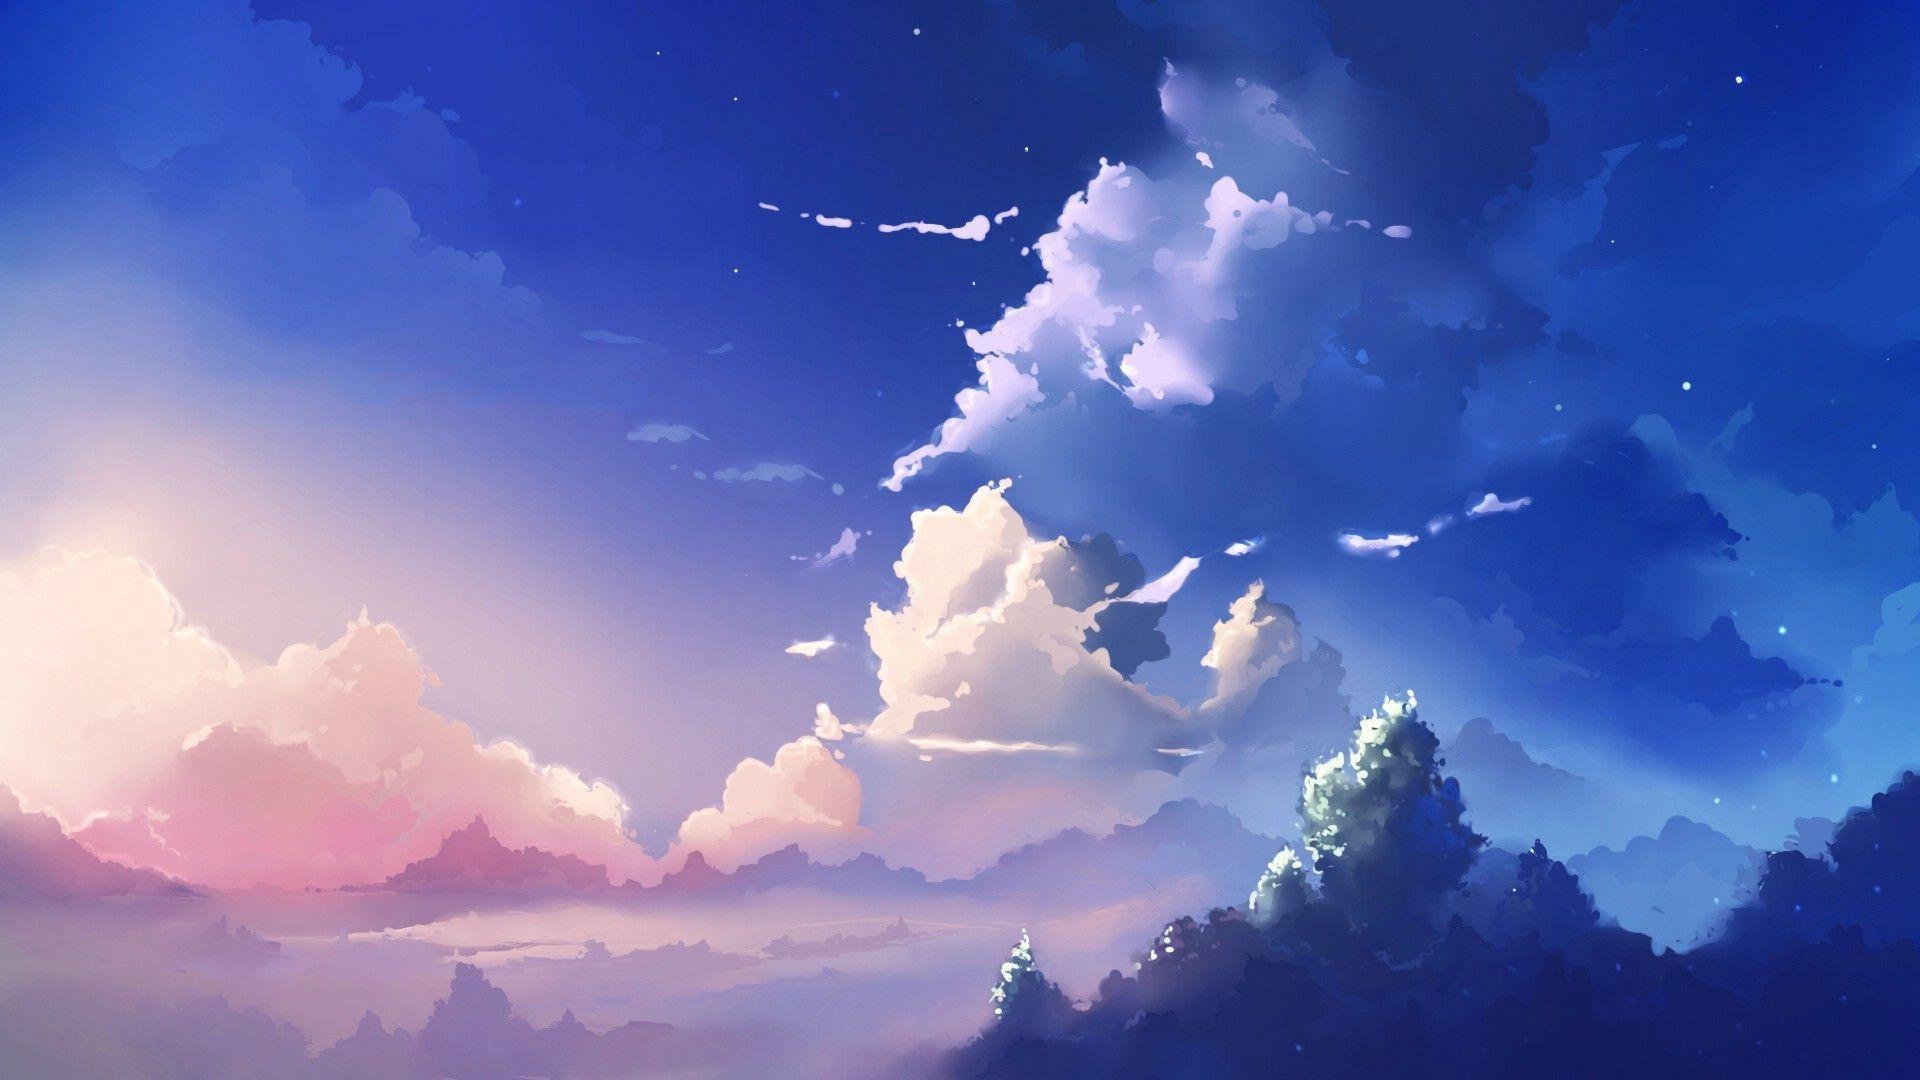 Hd Wallpaper Anime Scenery Hd Wallpaper For Desktop Background